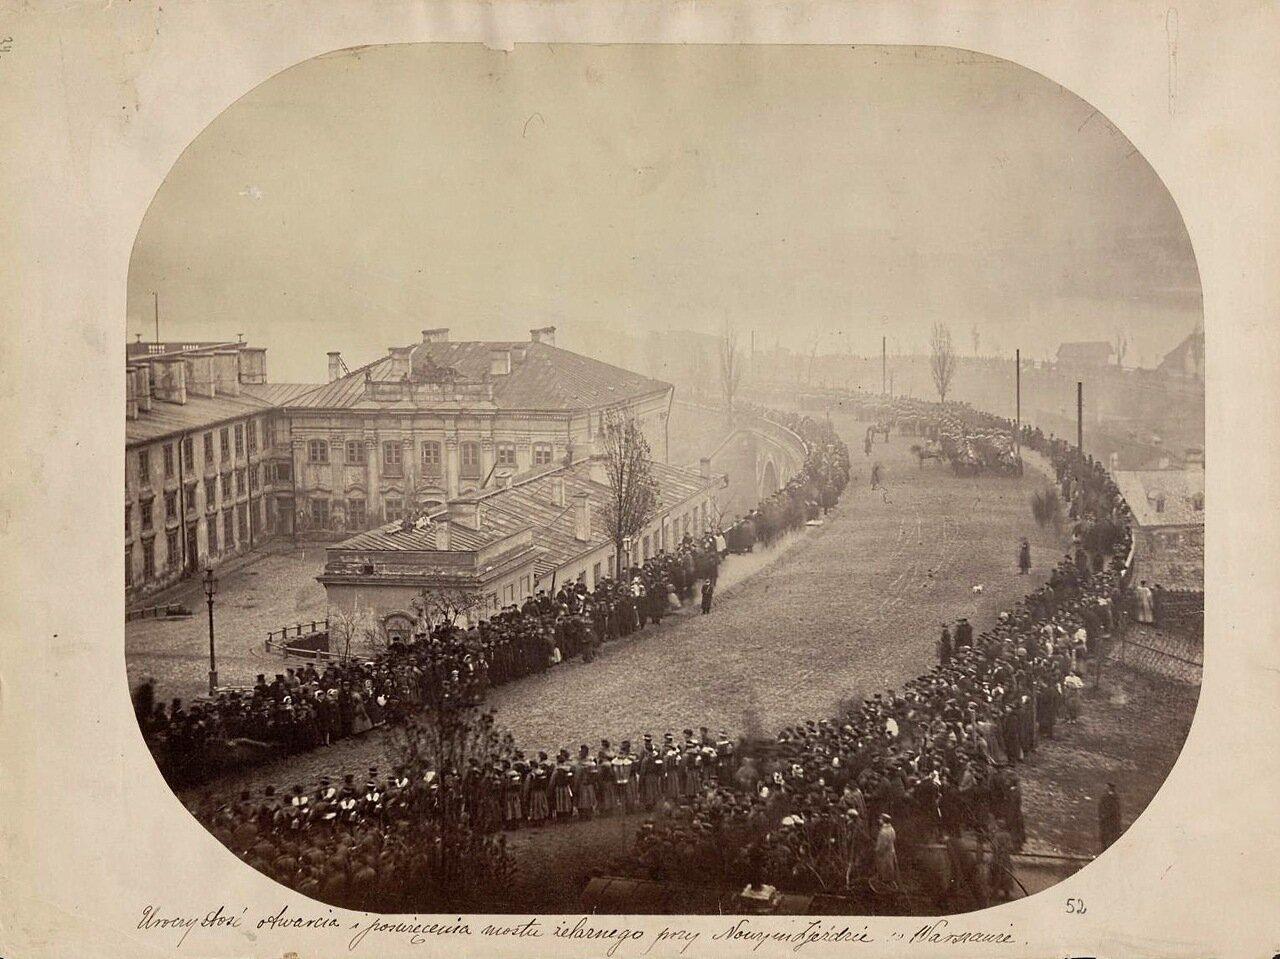 1864, 22 ноября. Открытие и освящение Александровского моста